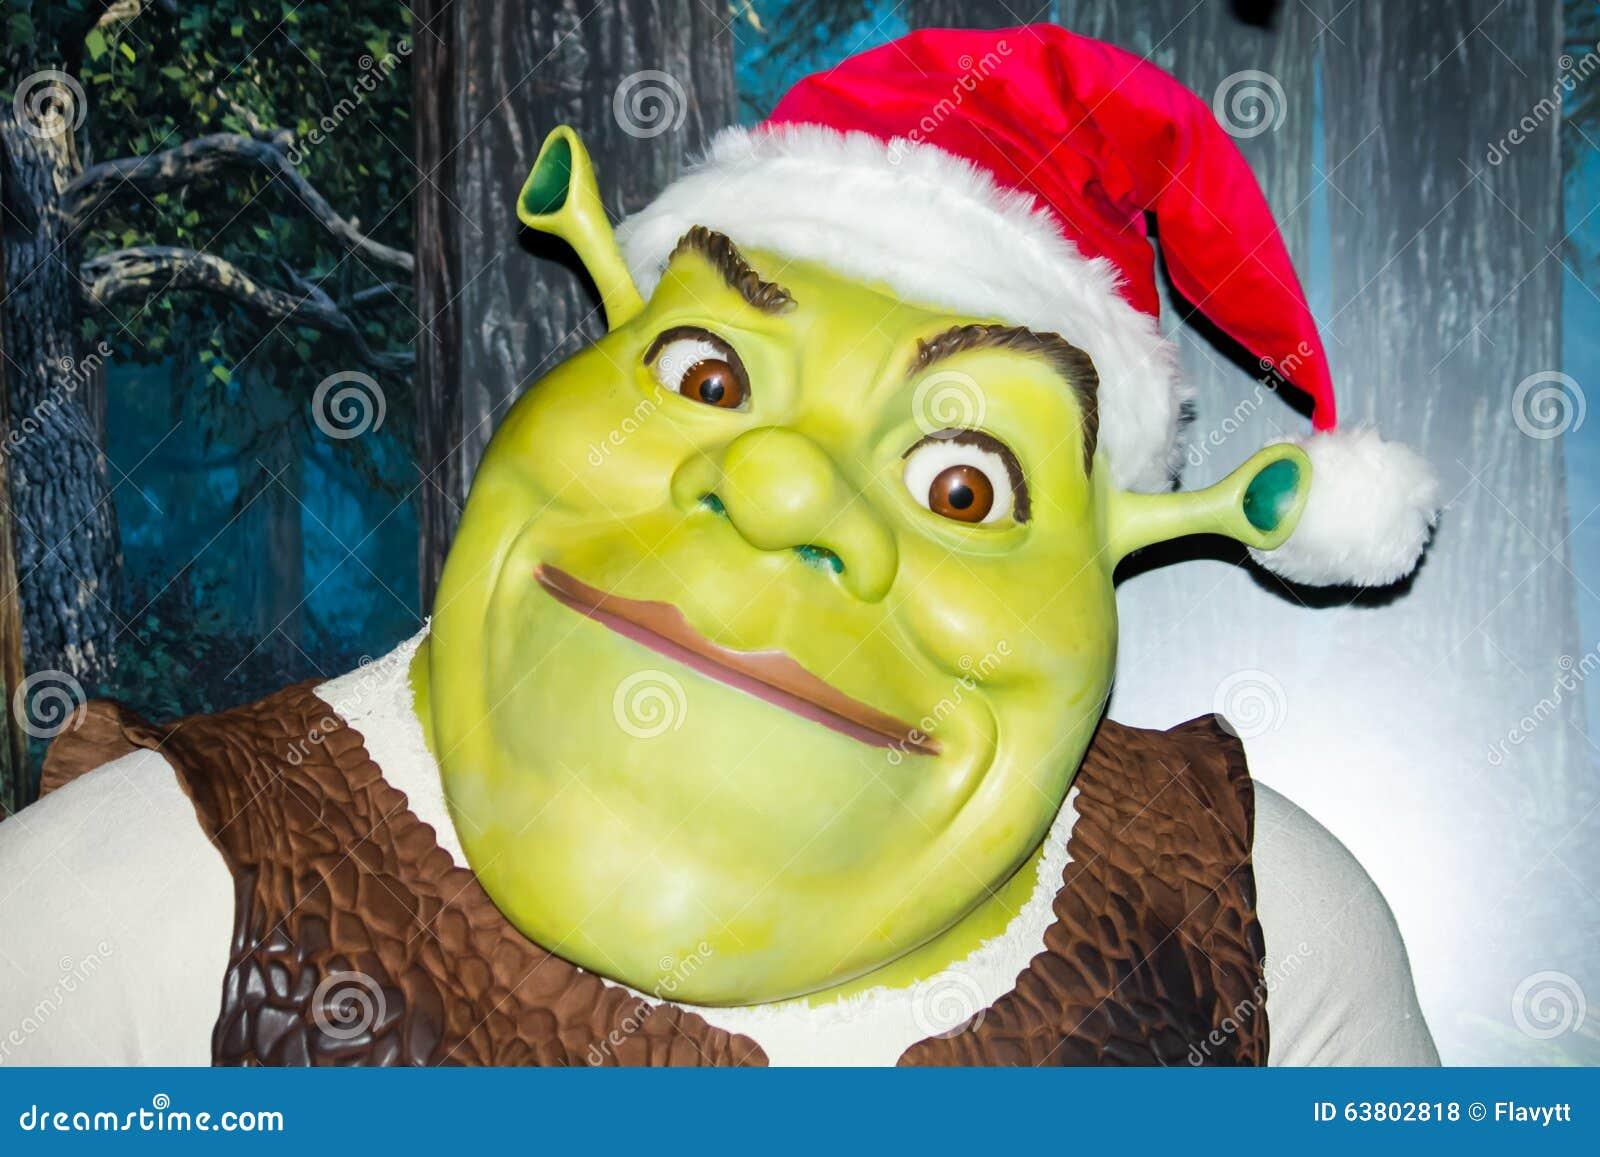 Shrek Christmas.Shrek Preparing For Christmas Editorial Stock Photo